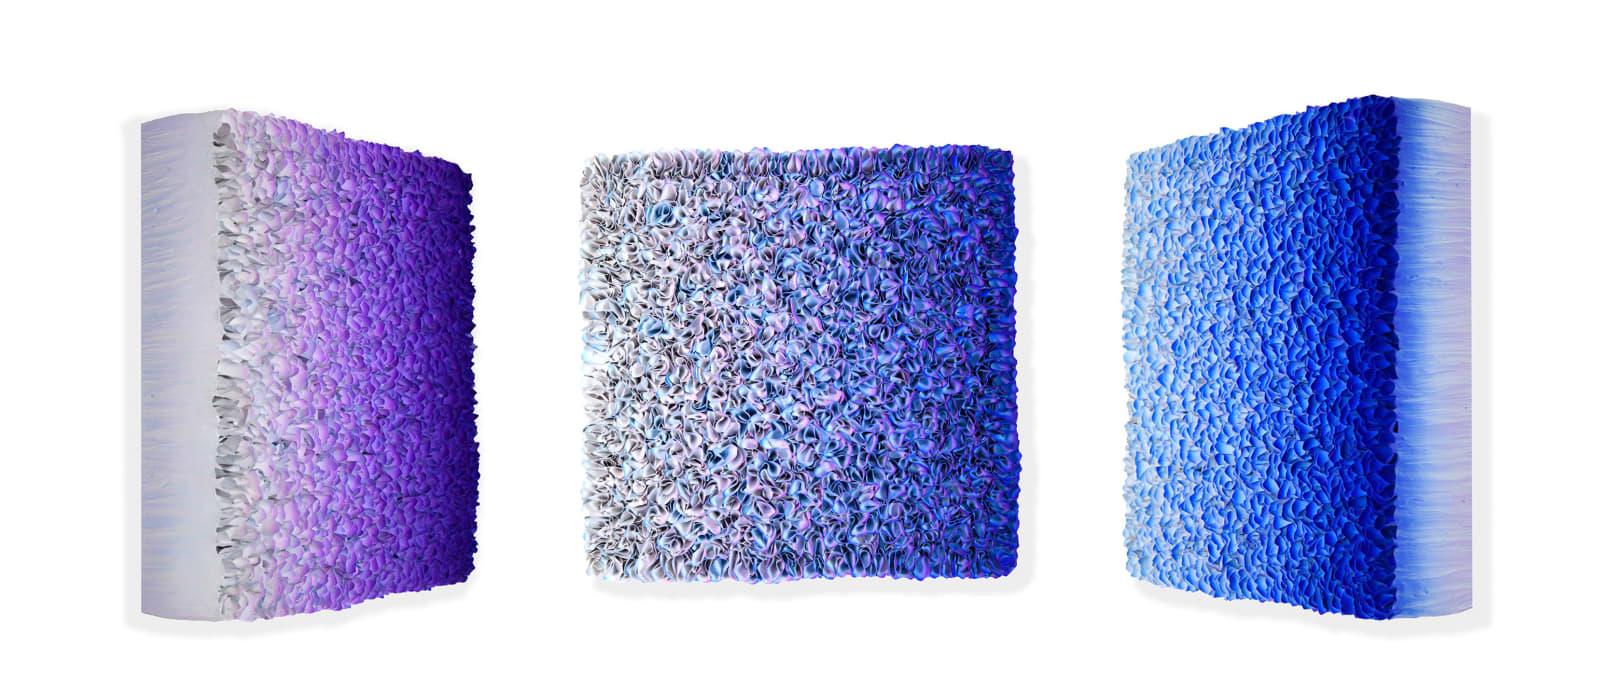 Zhuang Hong-yi, Blue Blossom, 2021